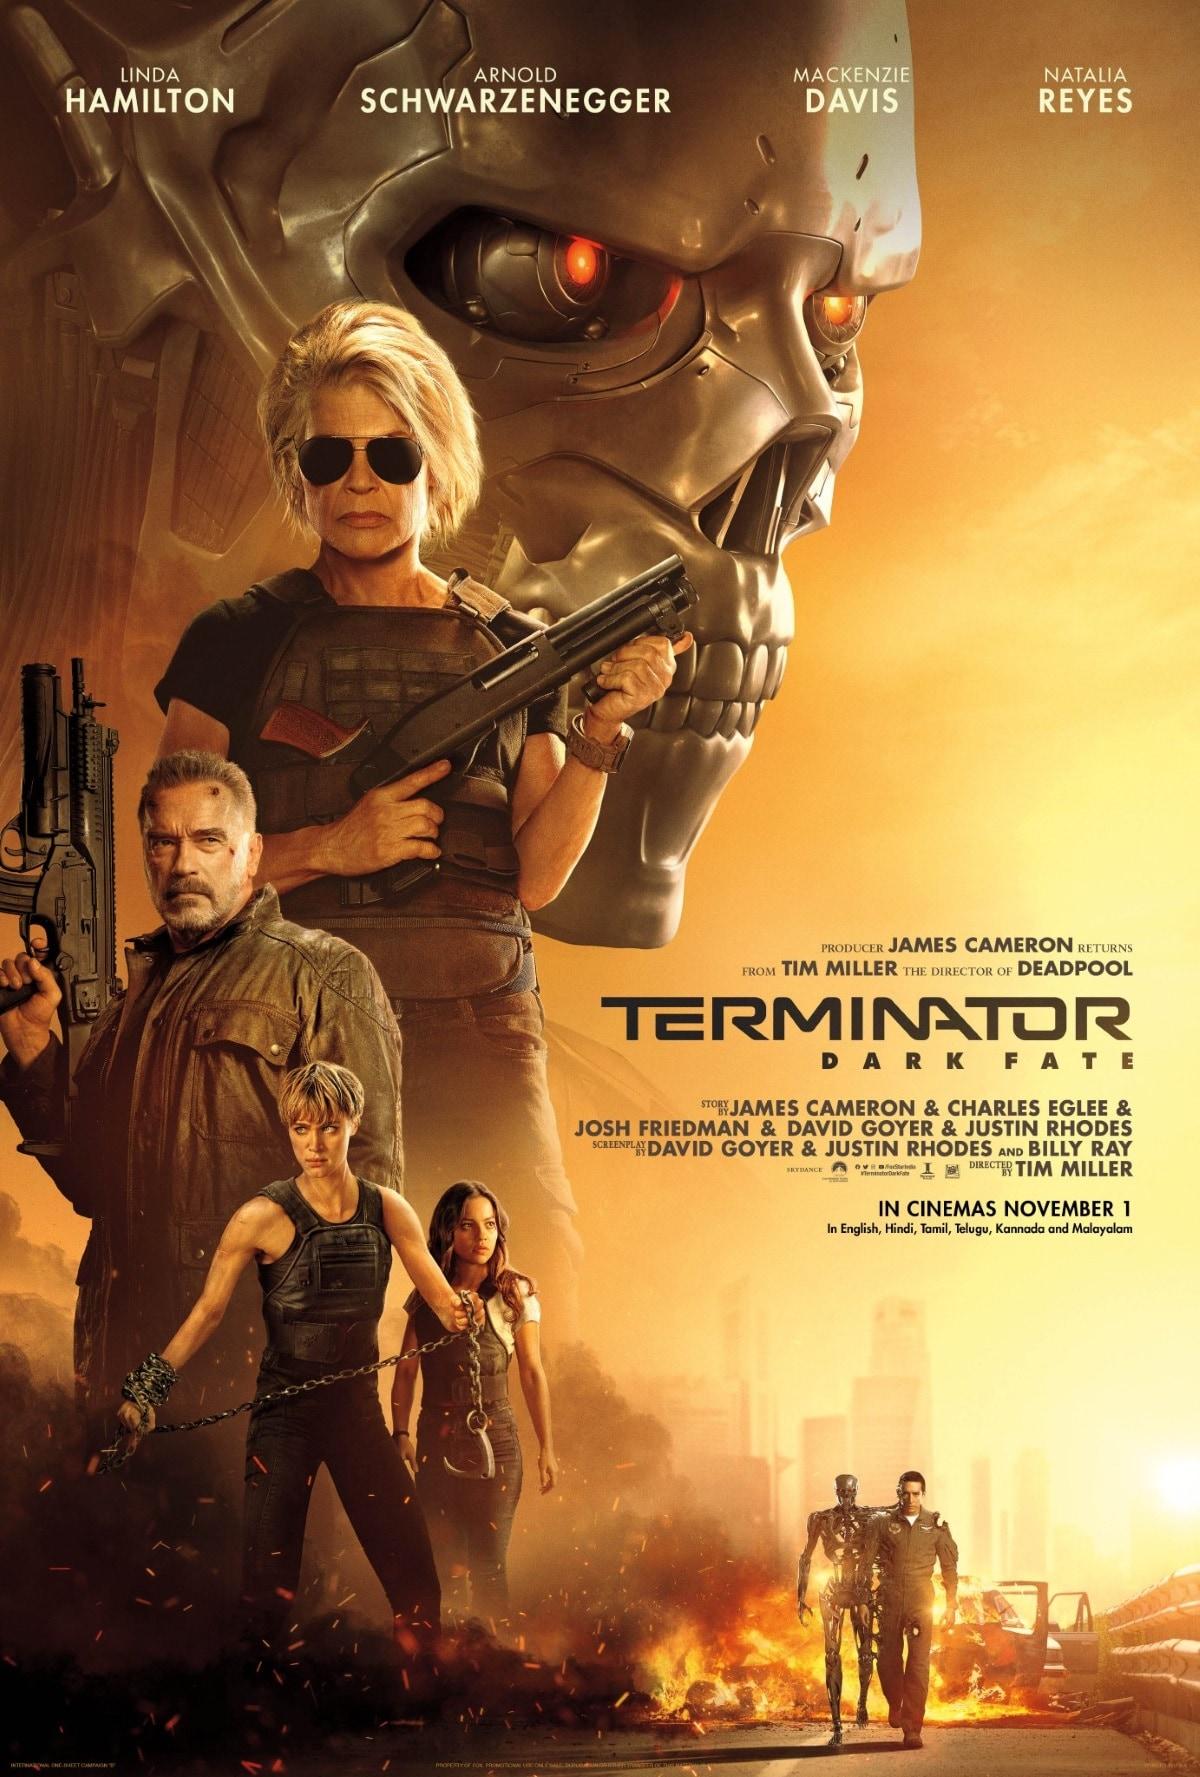 terminator dark fate poster Terminator Dark Fate